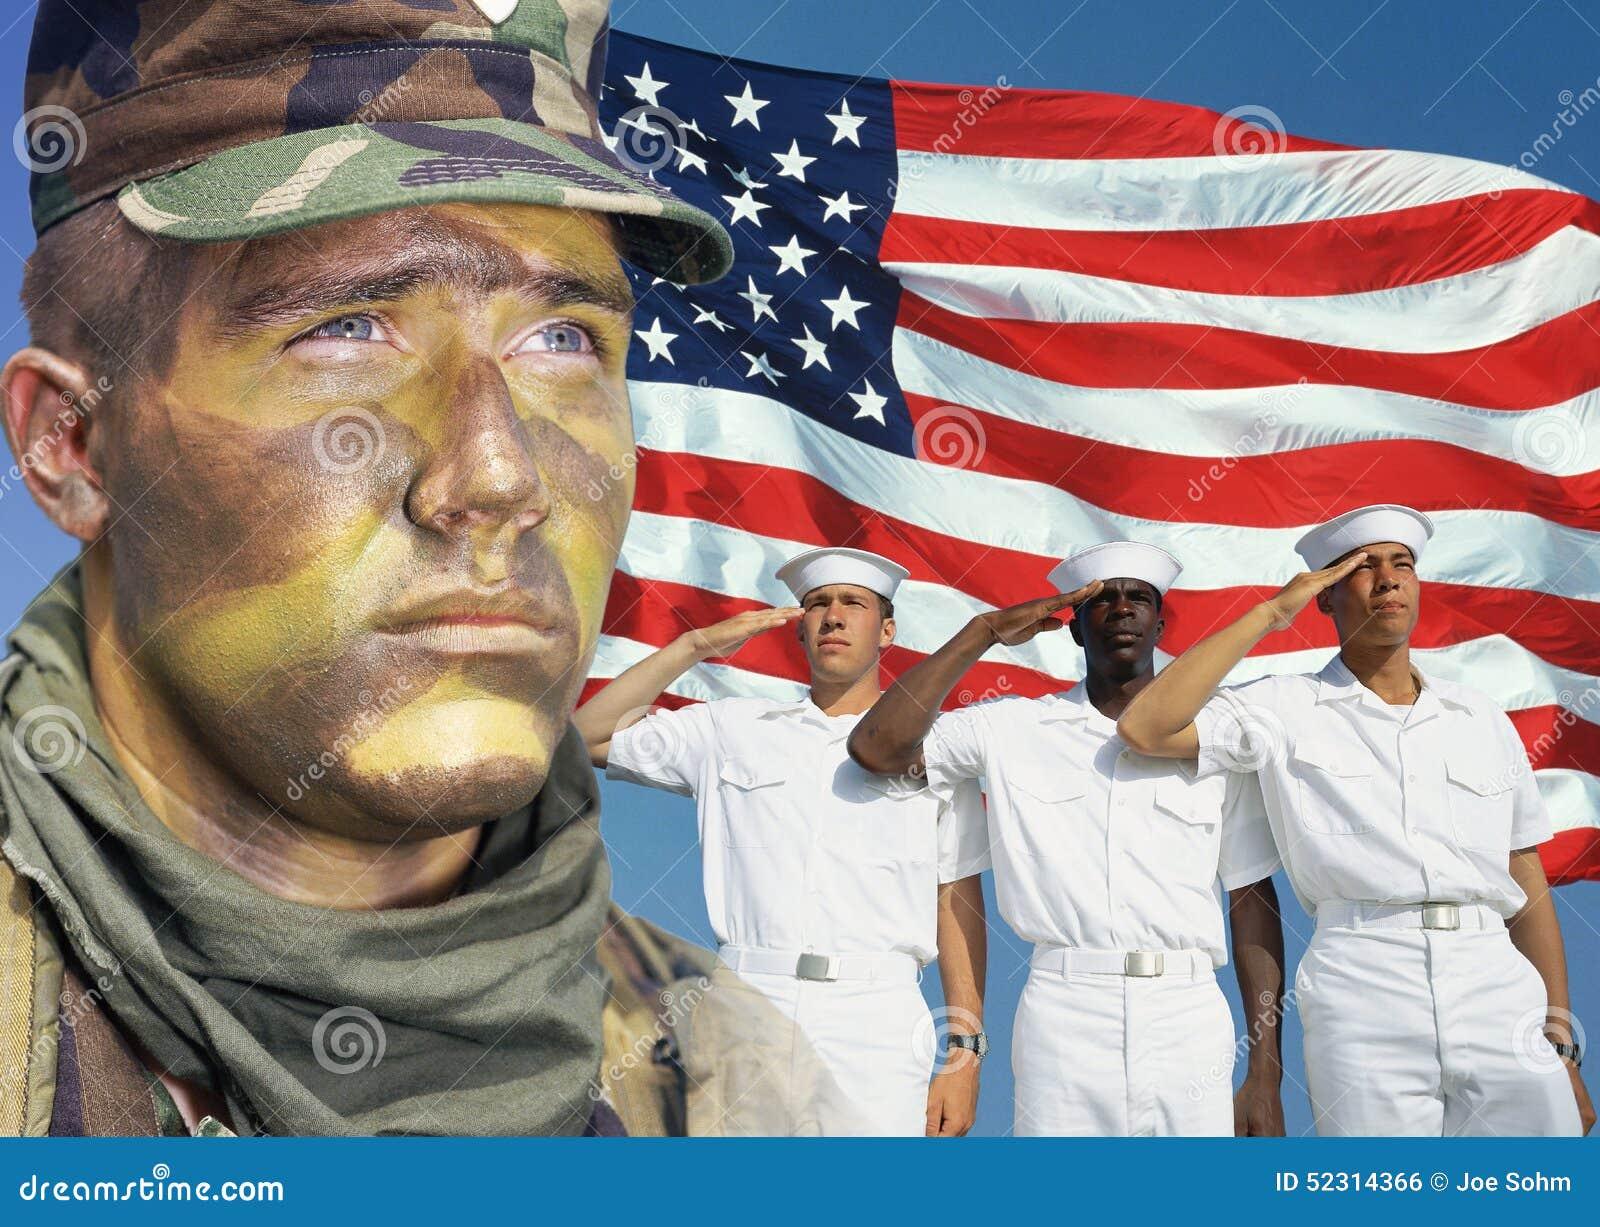 Composto di Digital: Soldato americano, marinai e bandiera americana